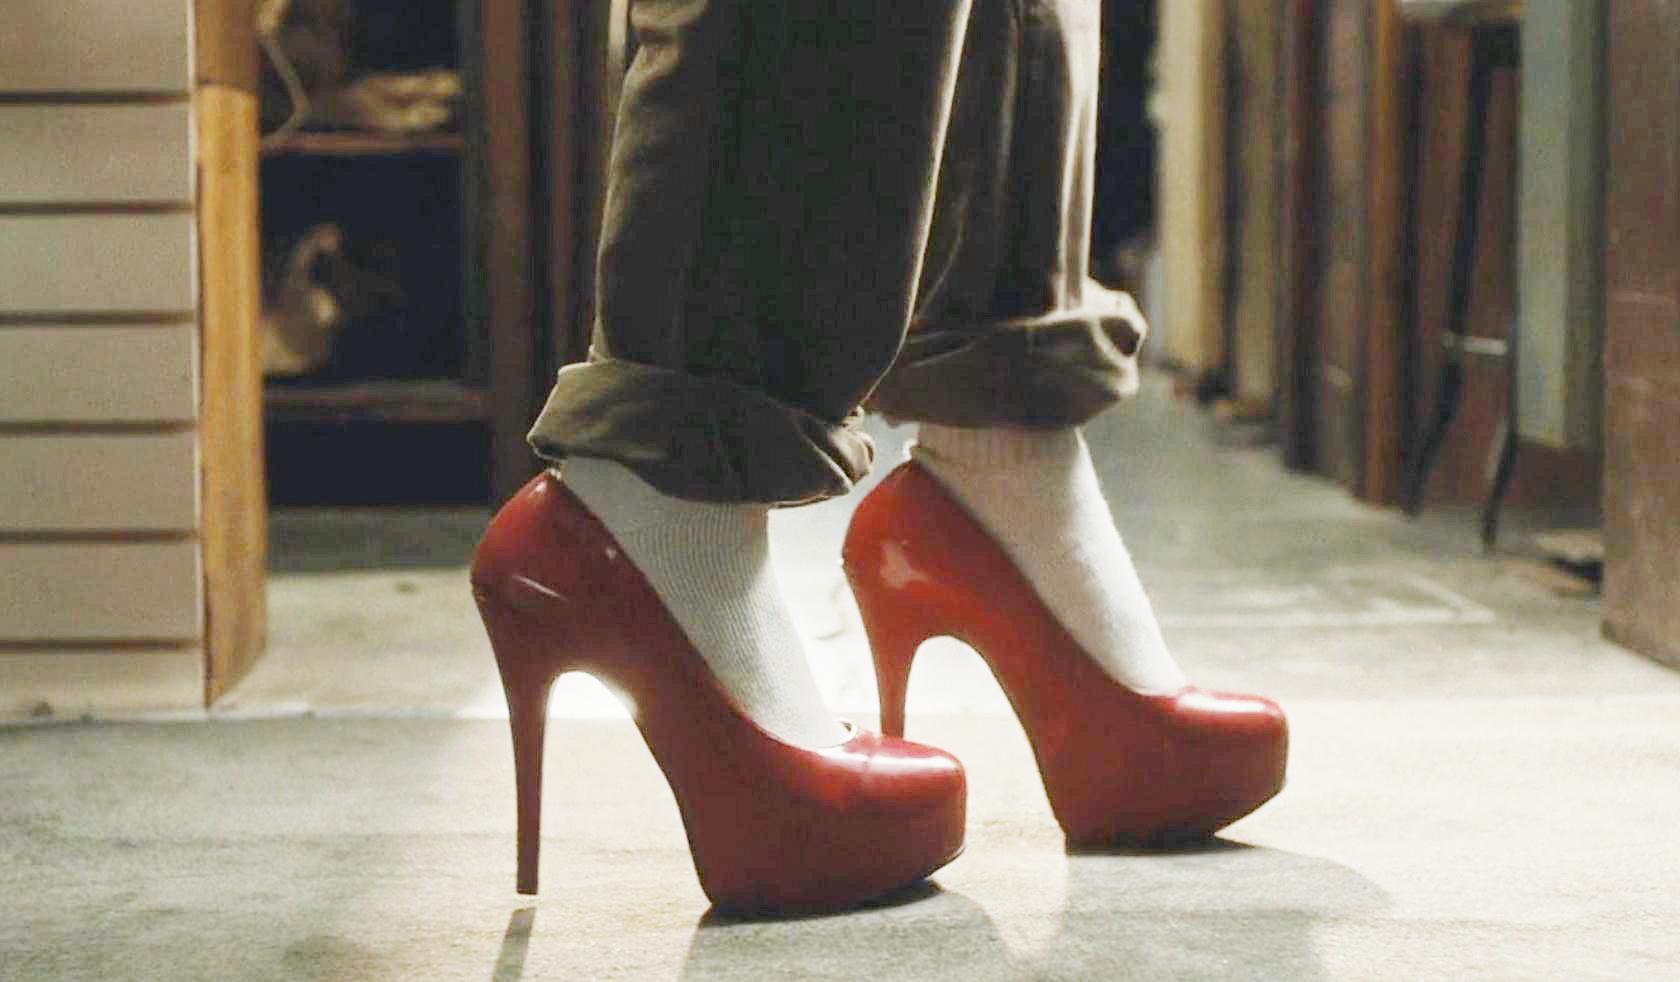 #经典看电影#小伙穿上谁的鞋就会变成谁,连性别都能改变!